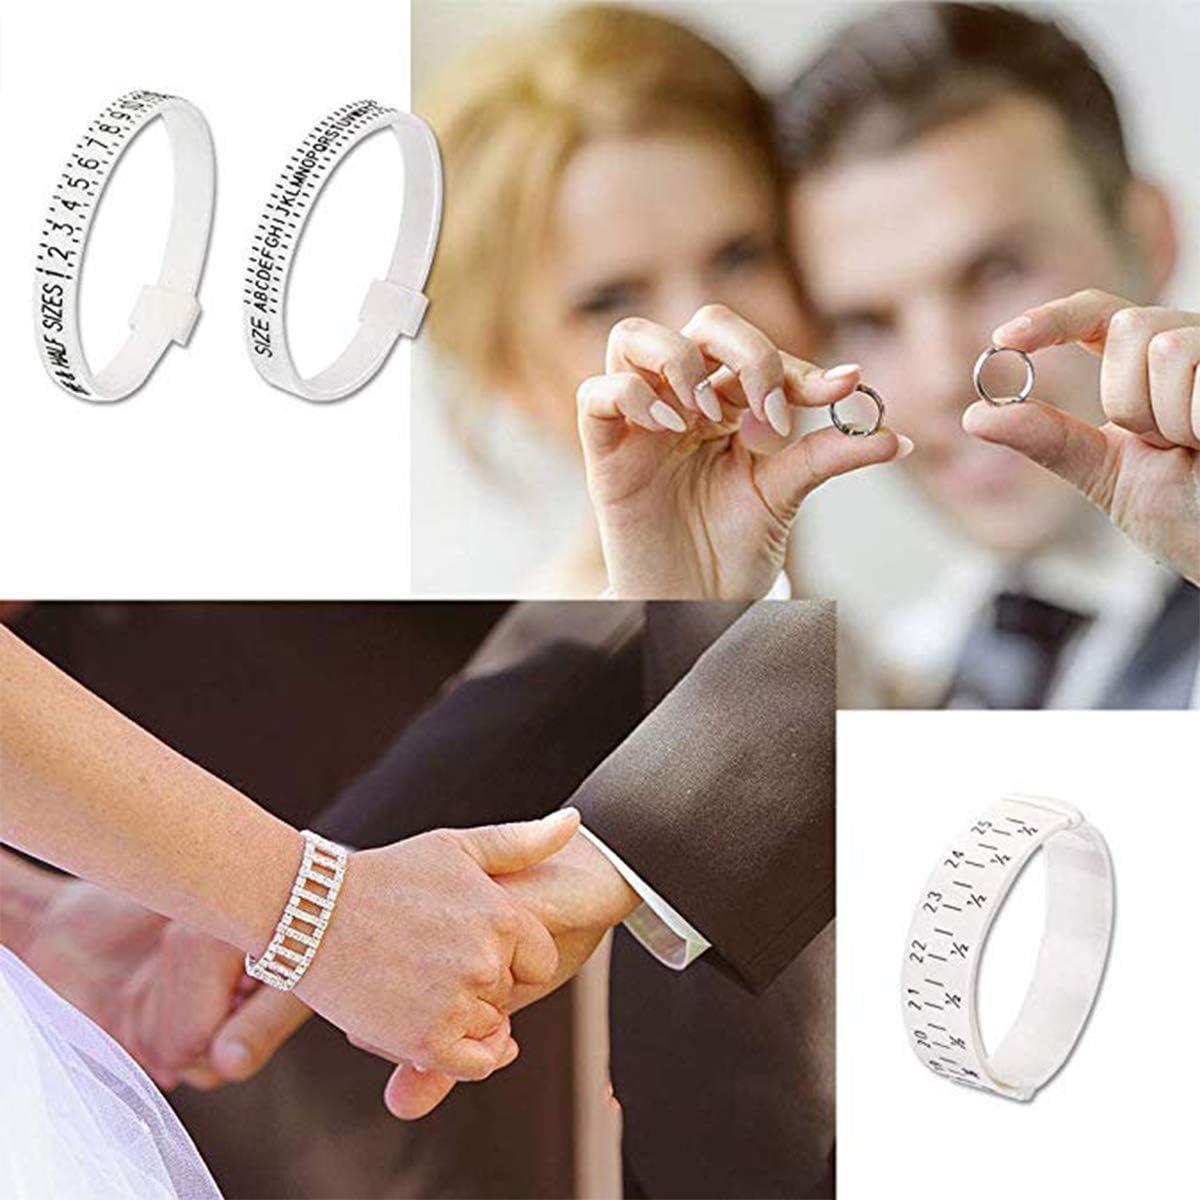 3 piezas est/ándar de pl/ástico ajustable pulsera anillo joyer/ía US UK herramienta de medida blanco Medidor de anillos